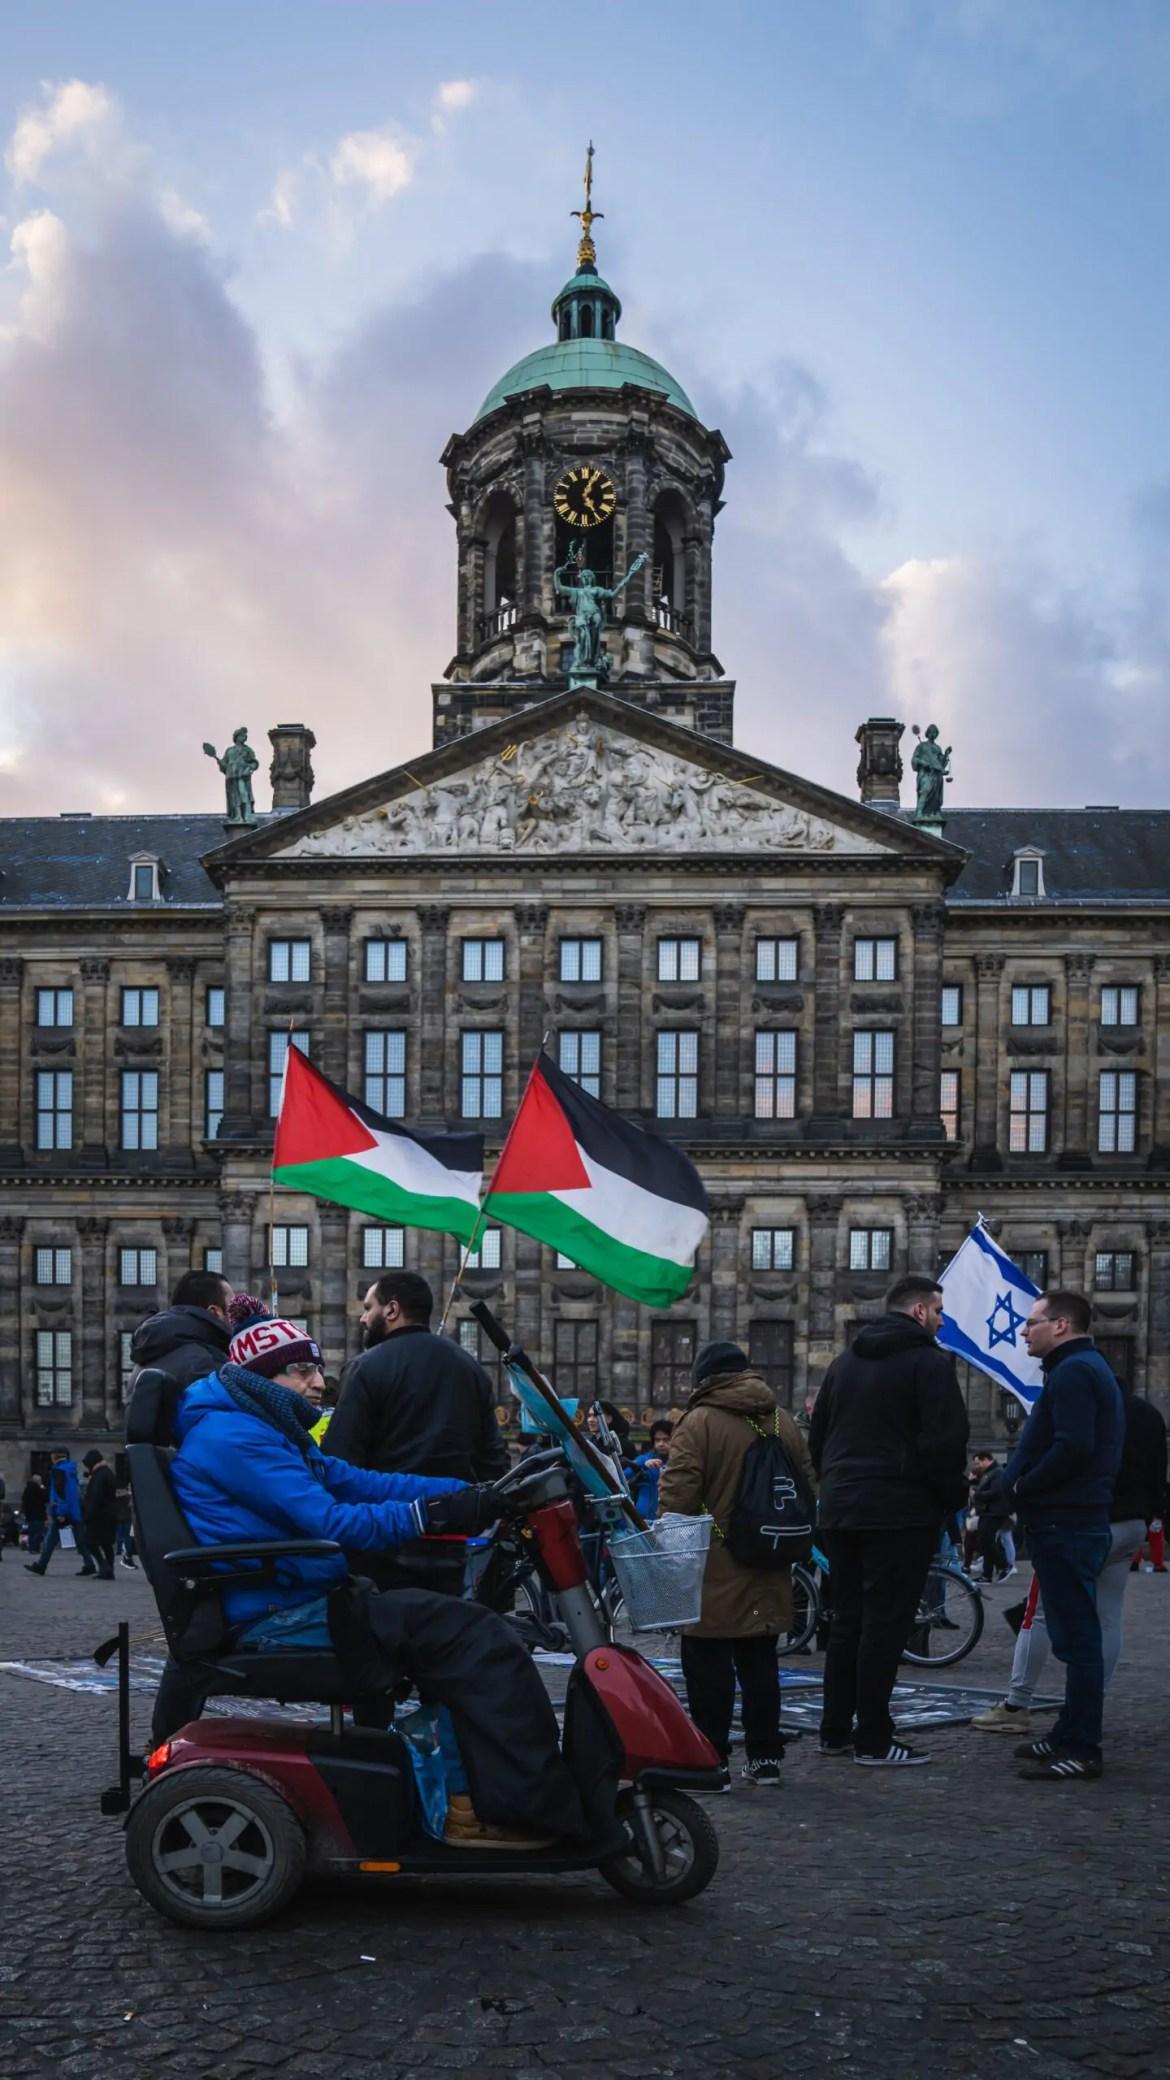 De krimpende ruimte voor het debat over Israël en Palestina